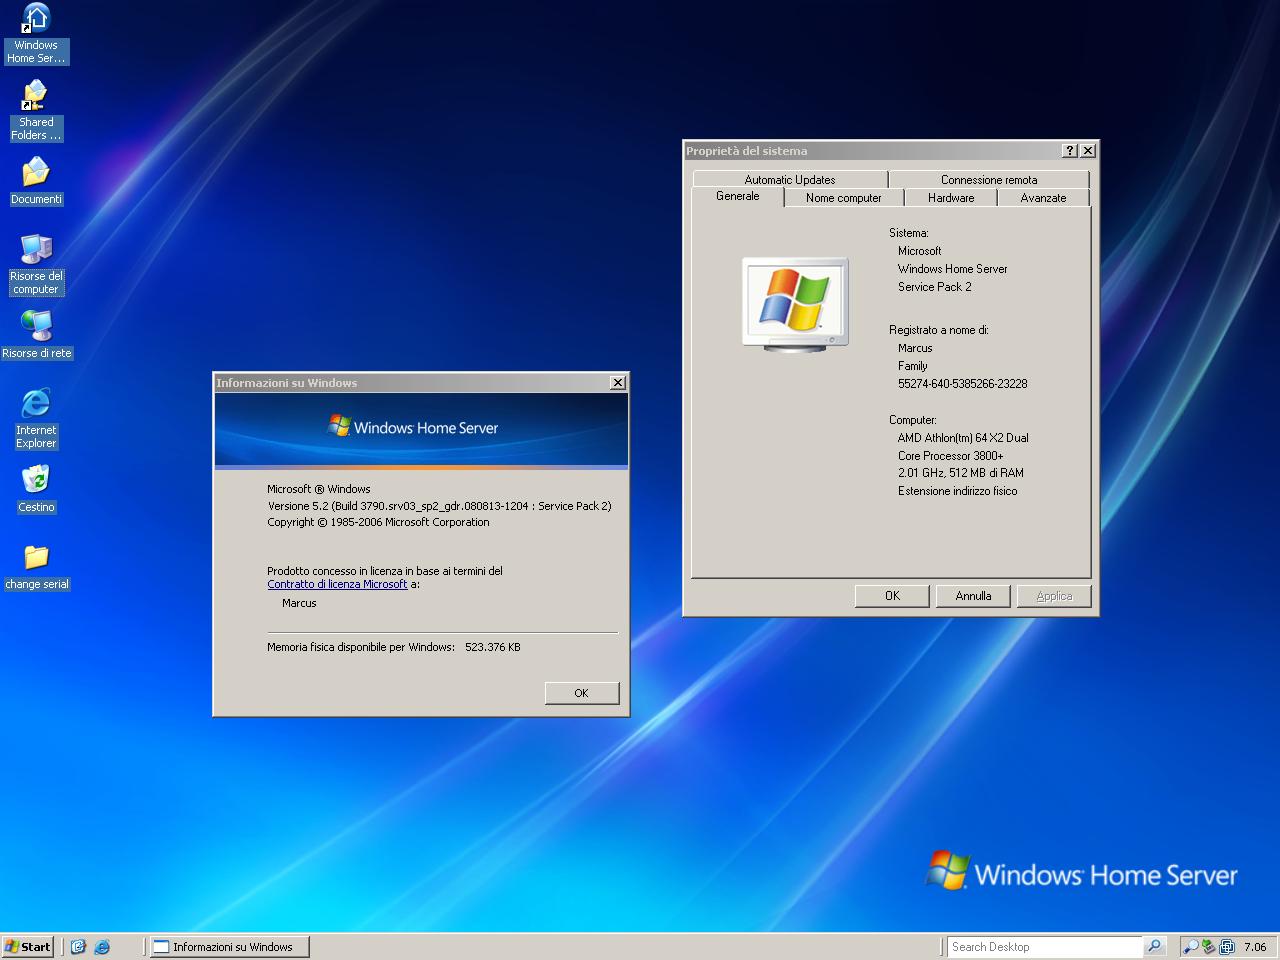 Windows Home Server Wallpaper Wallpapersafari